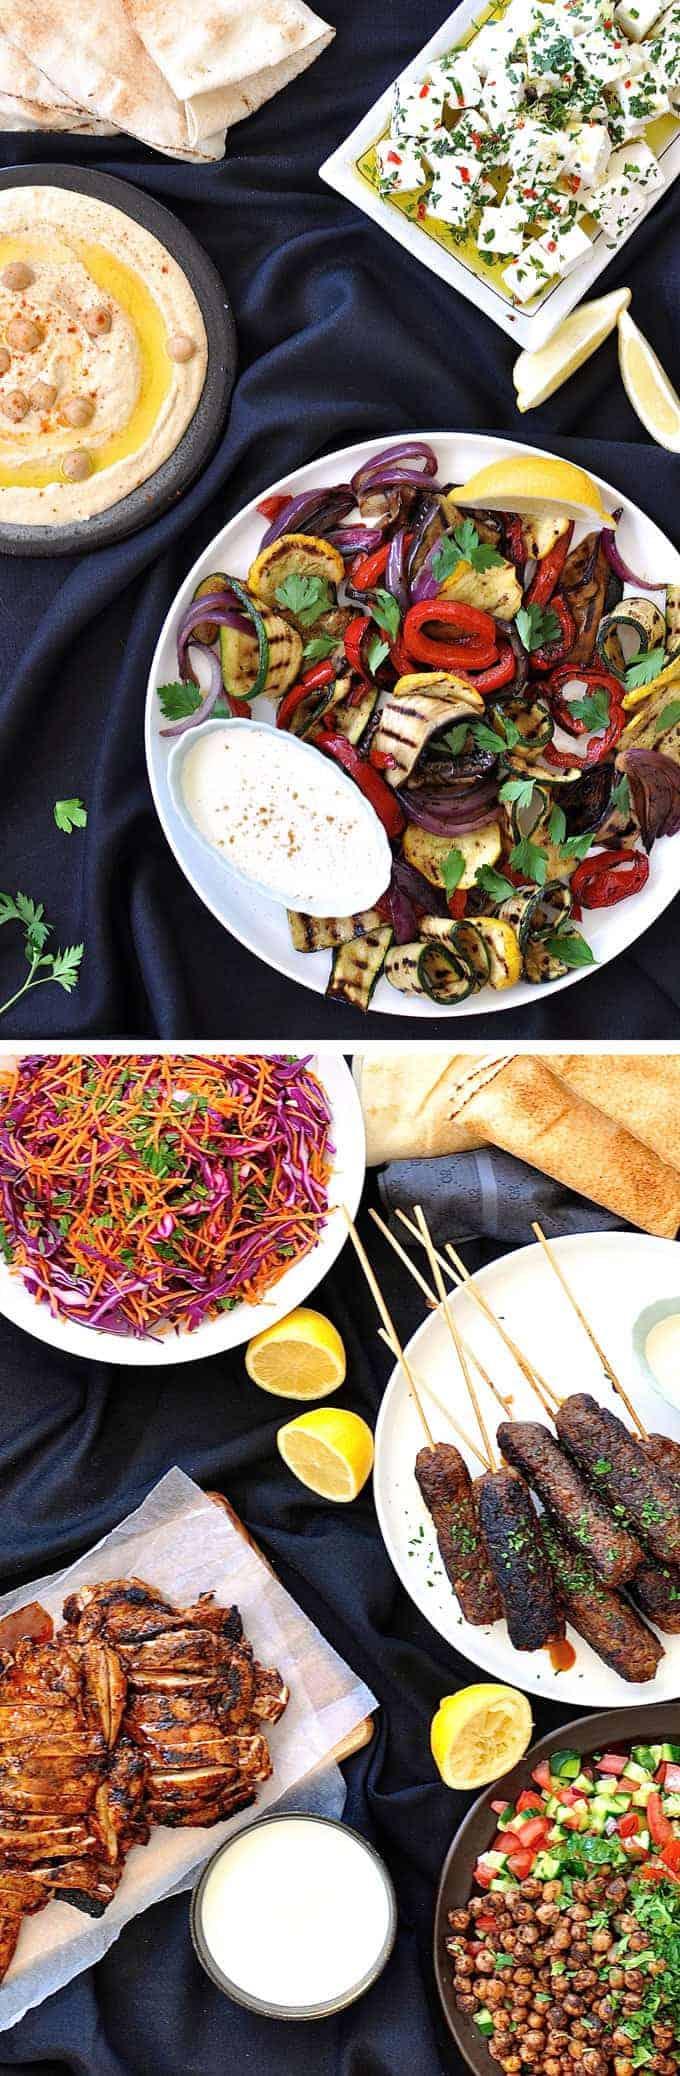 Arabian Feast | RecipeTin Eats